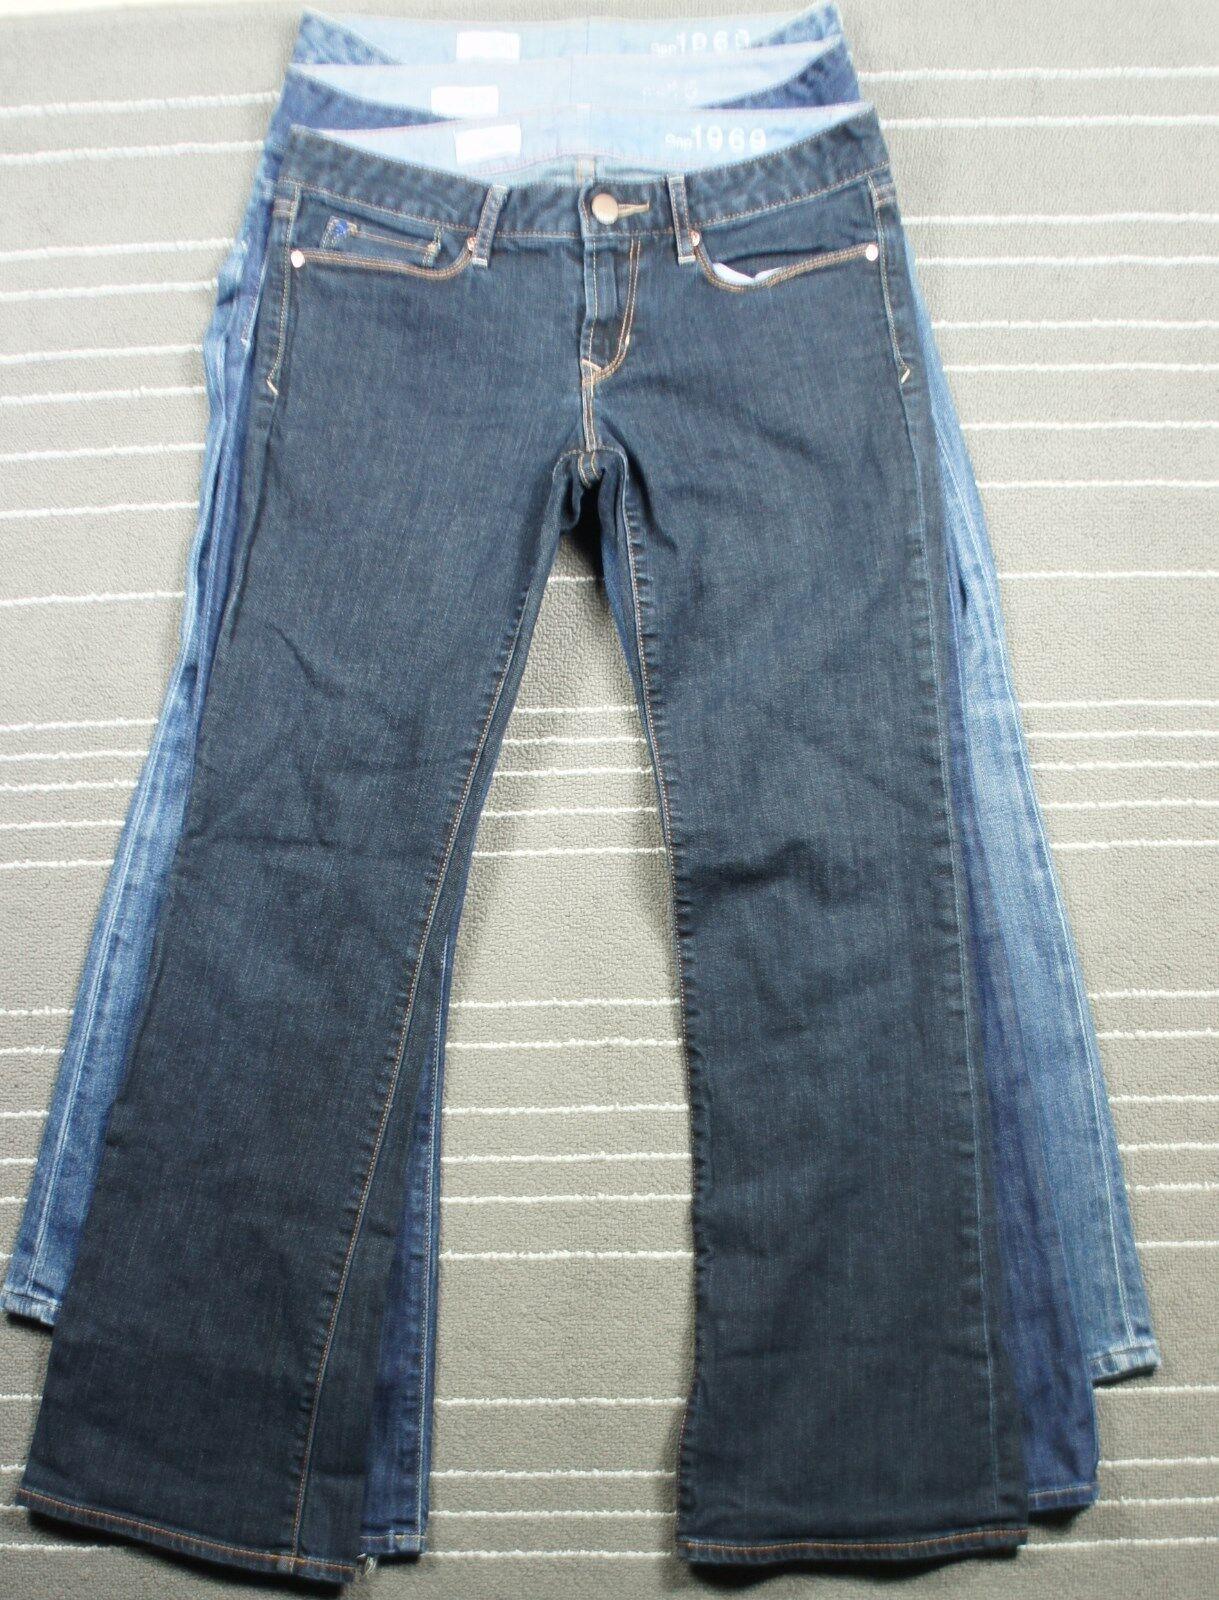 Lot of 3 Gap 1969 Jeans Boot Cut sz 28 6a